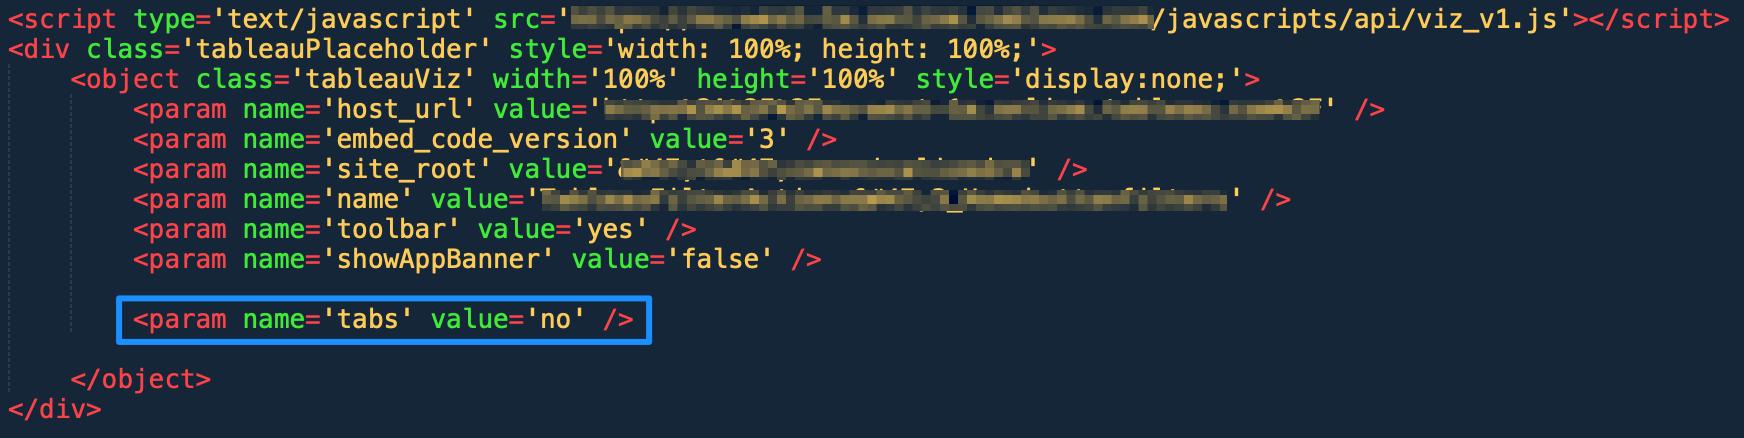 Tableau embed code